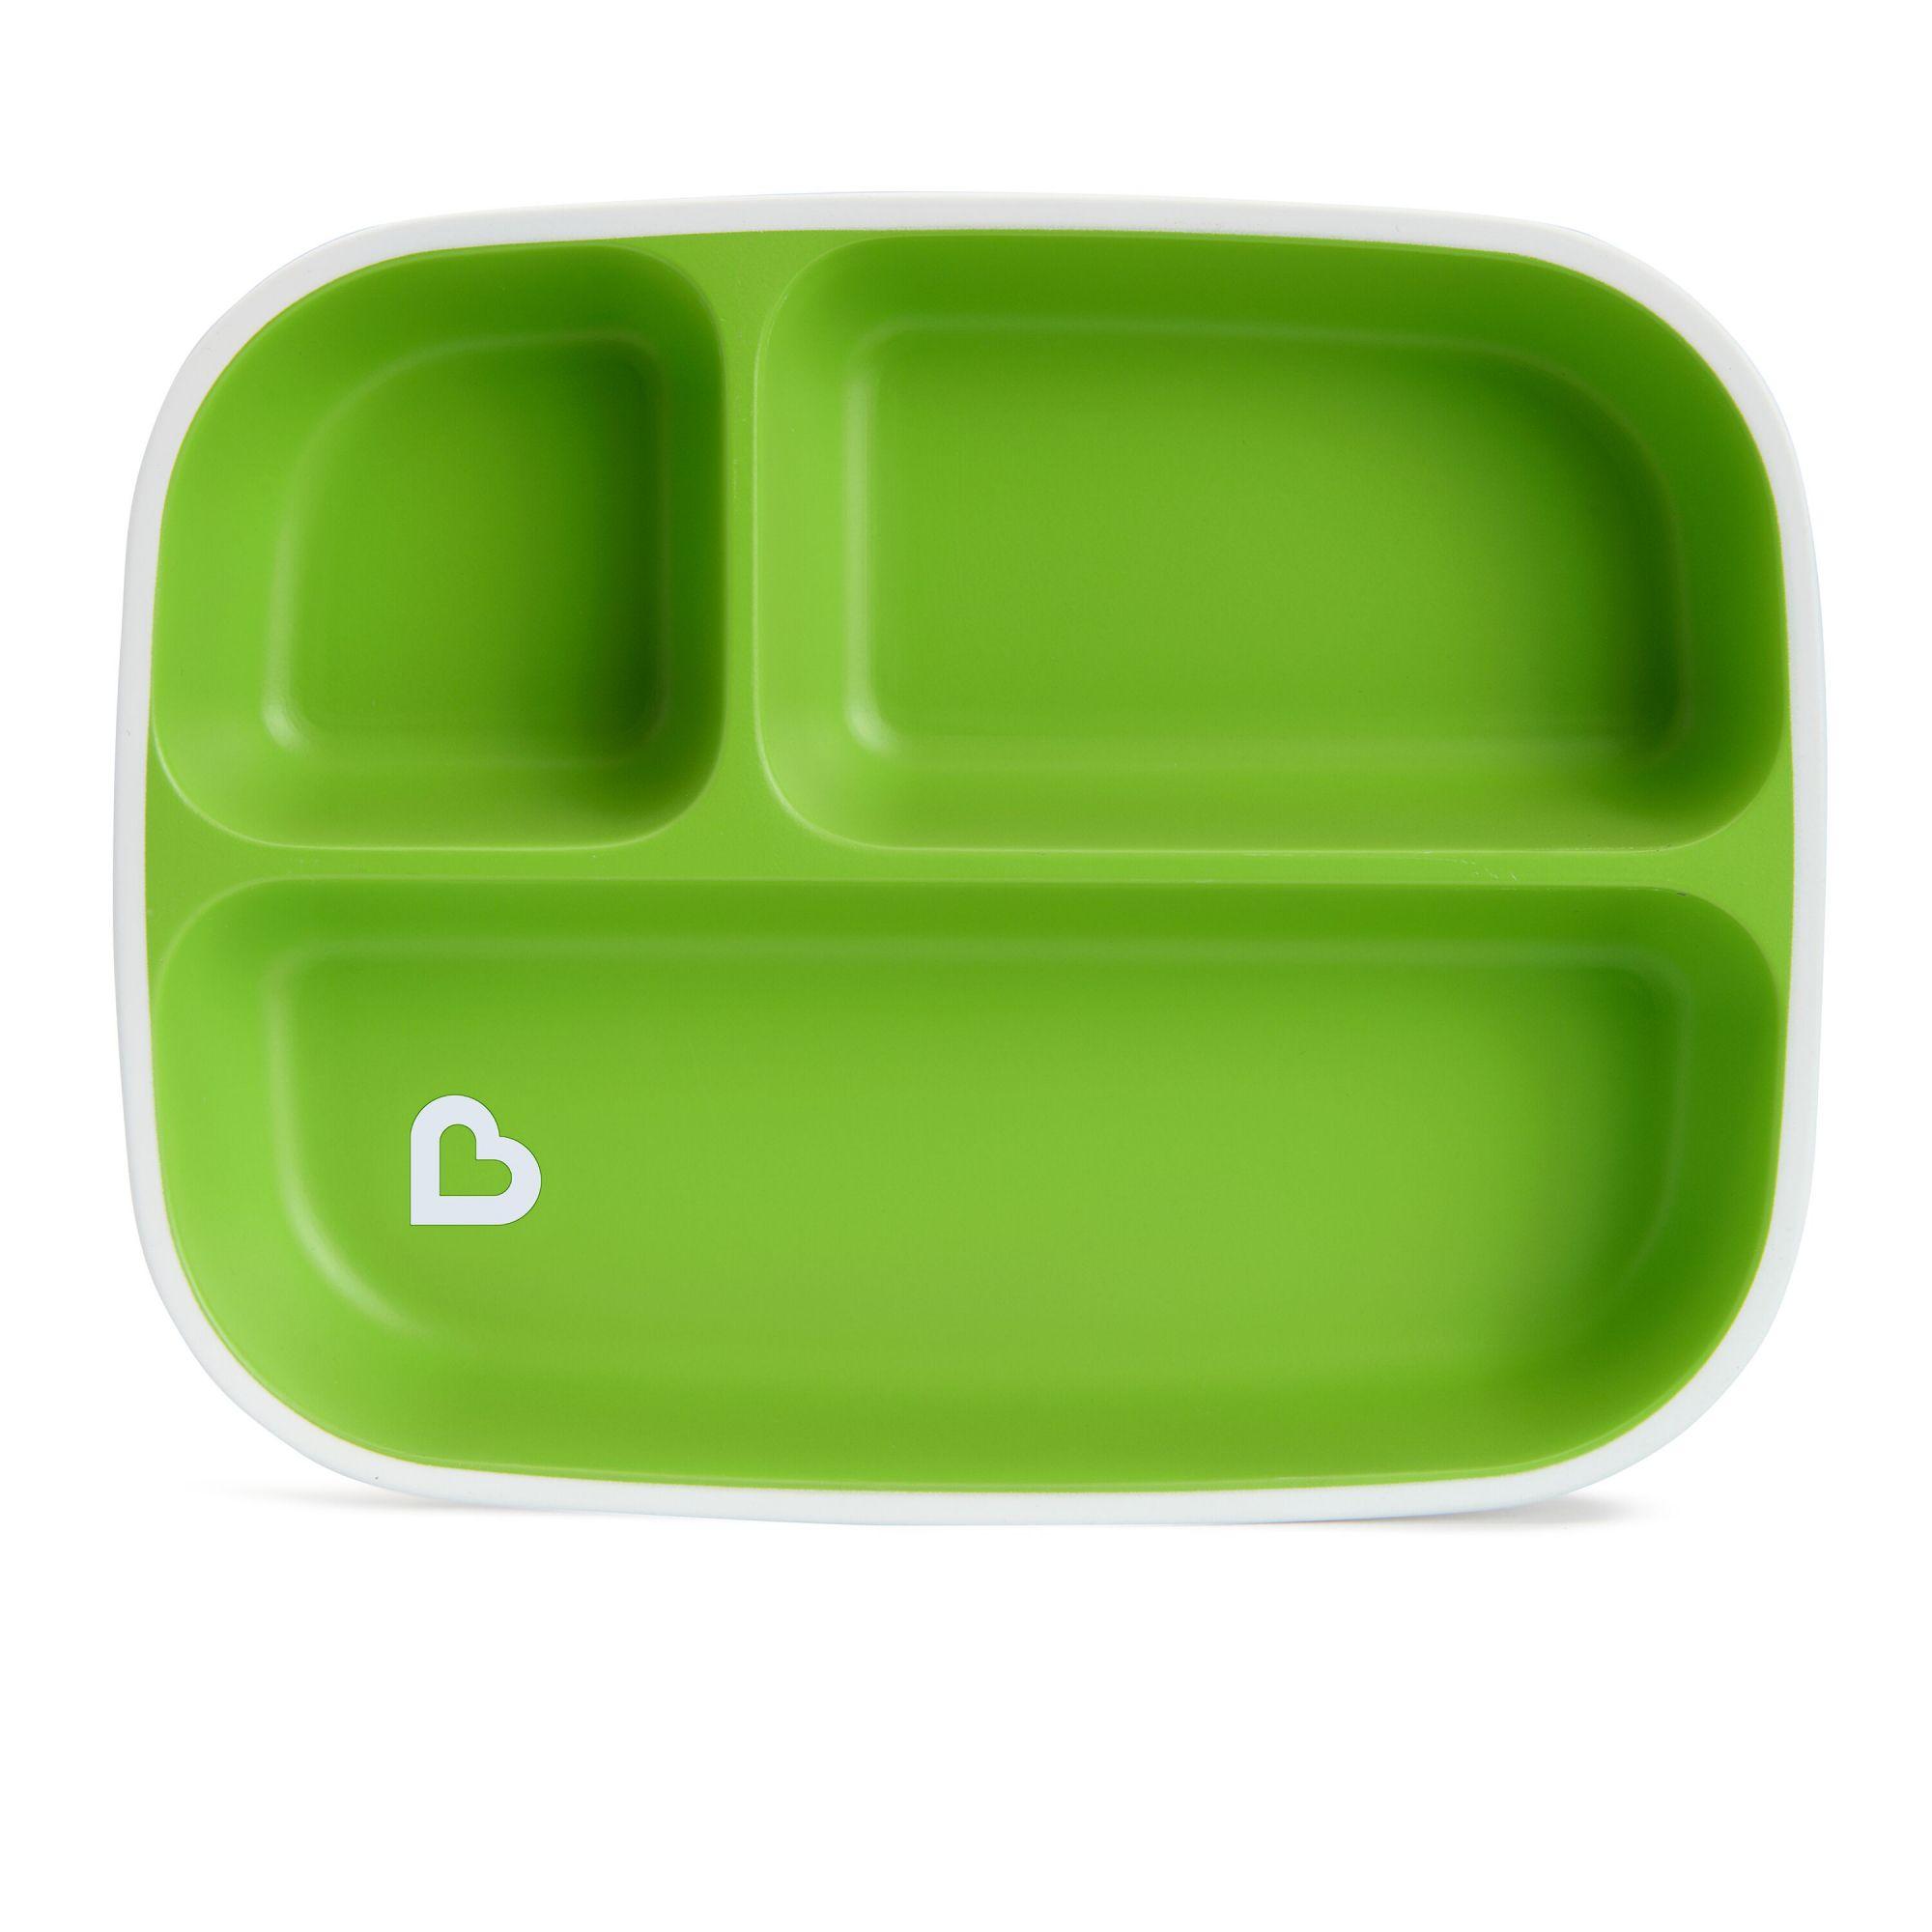 Conjunto de Pratos com Divisórias Azul e Verde - 02 unidades